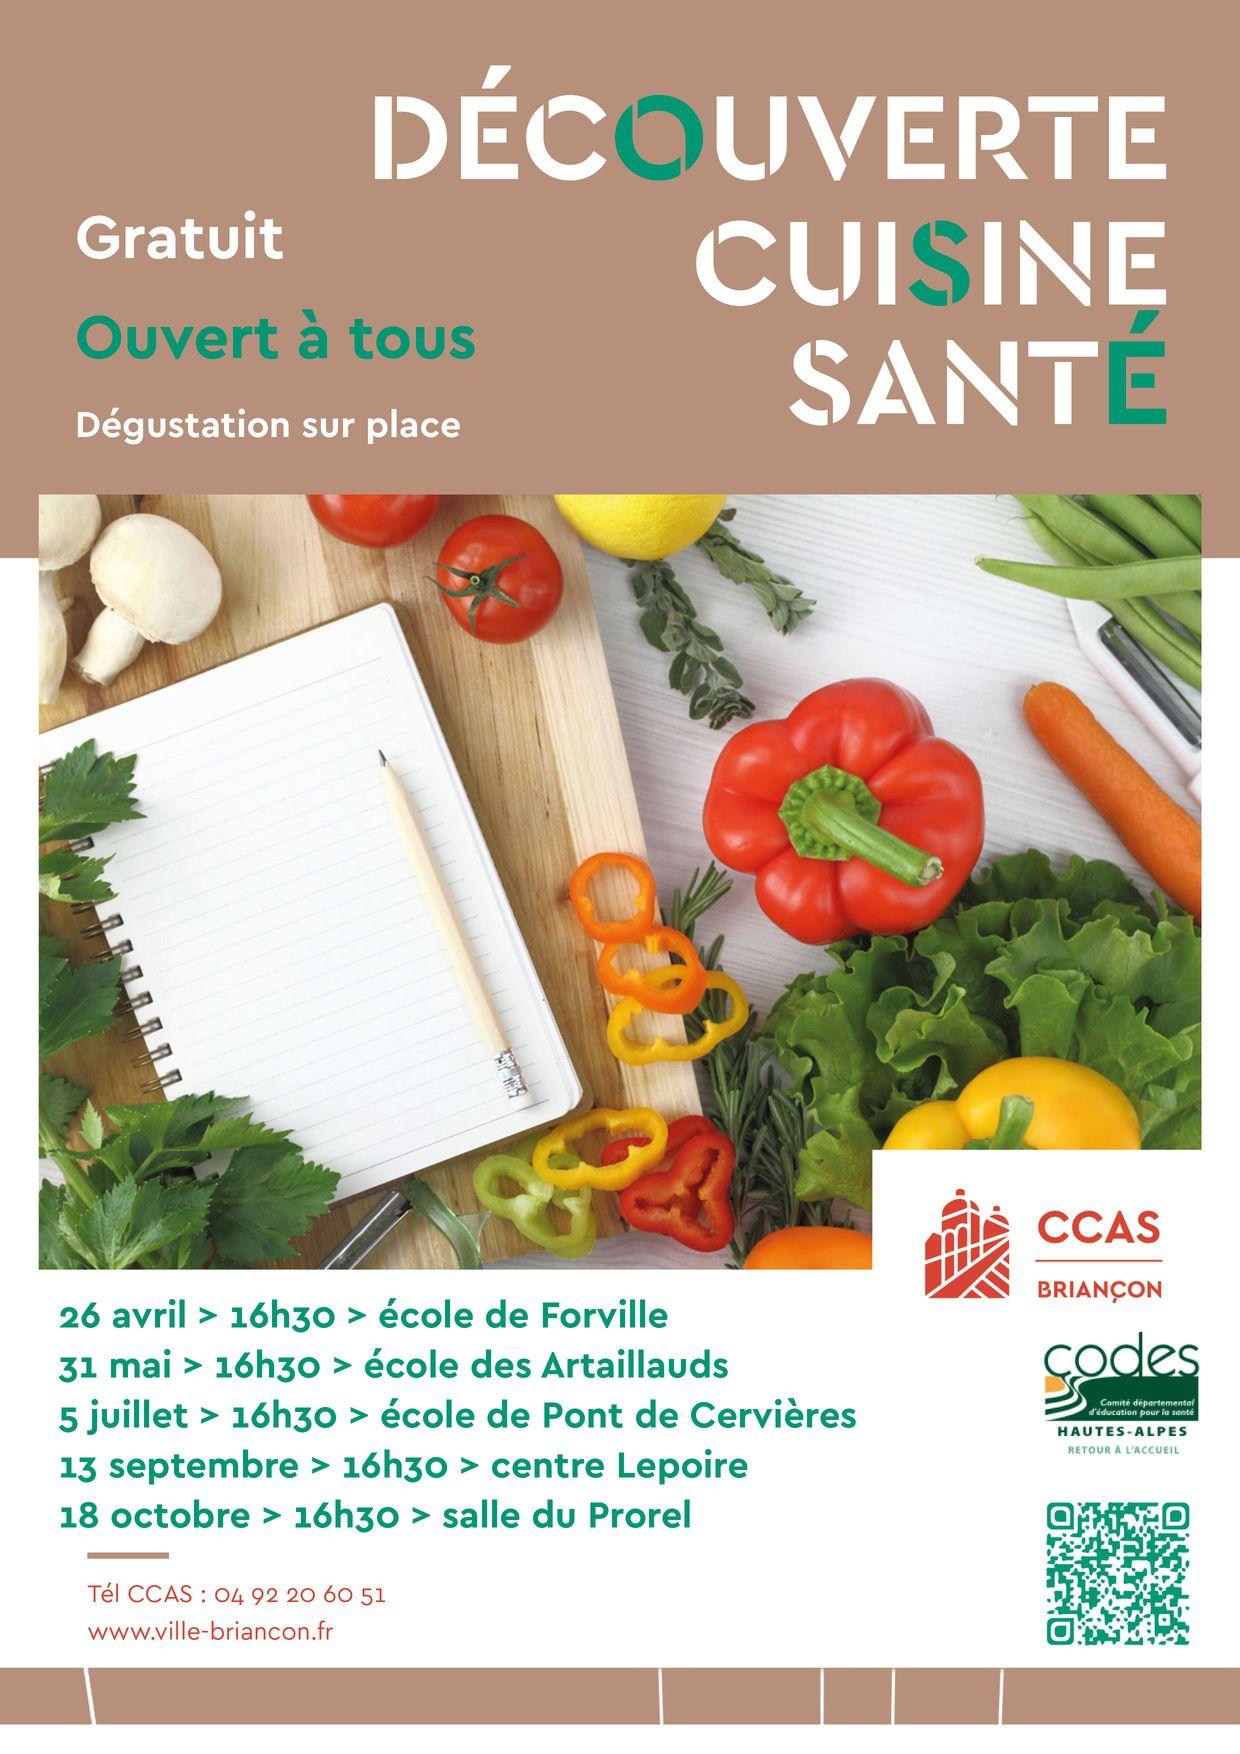 Un atelier cuisine-santé gratuit à Briançon